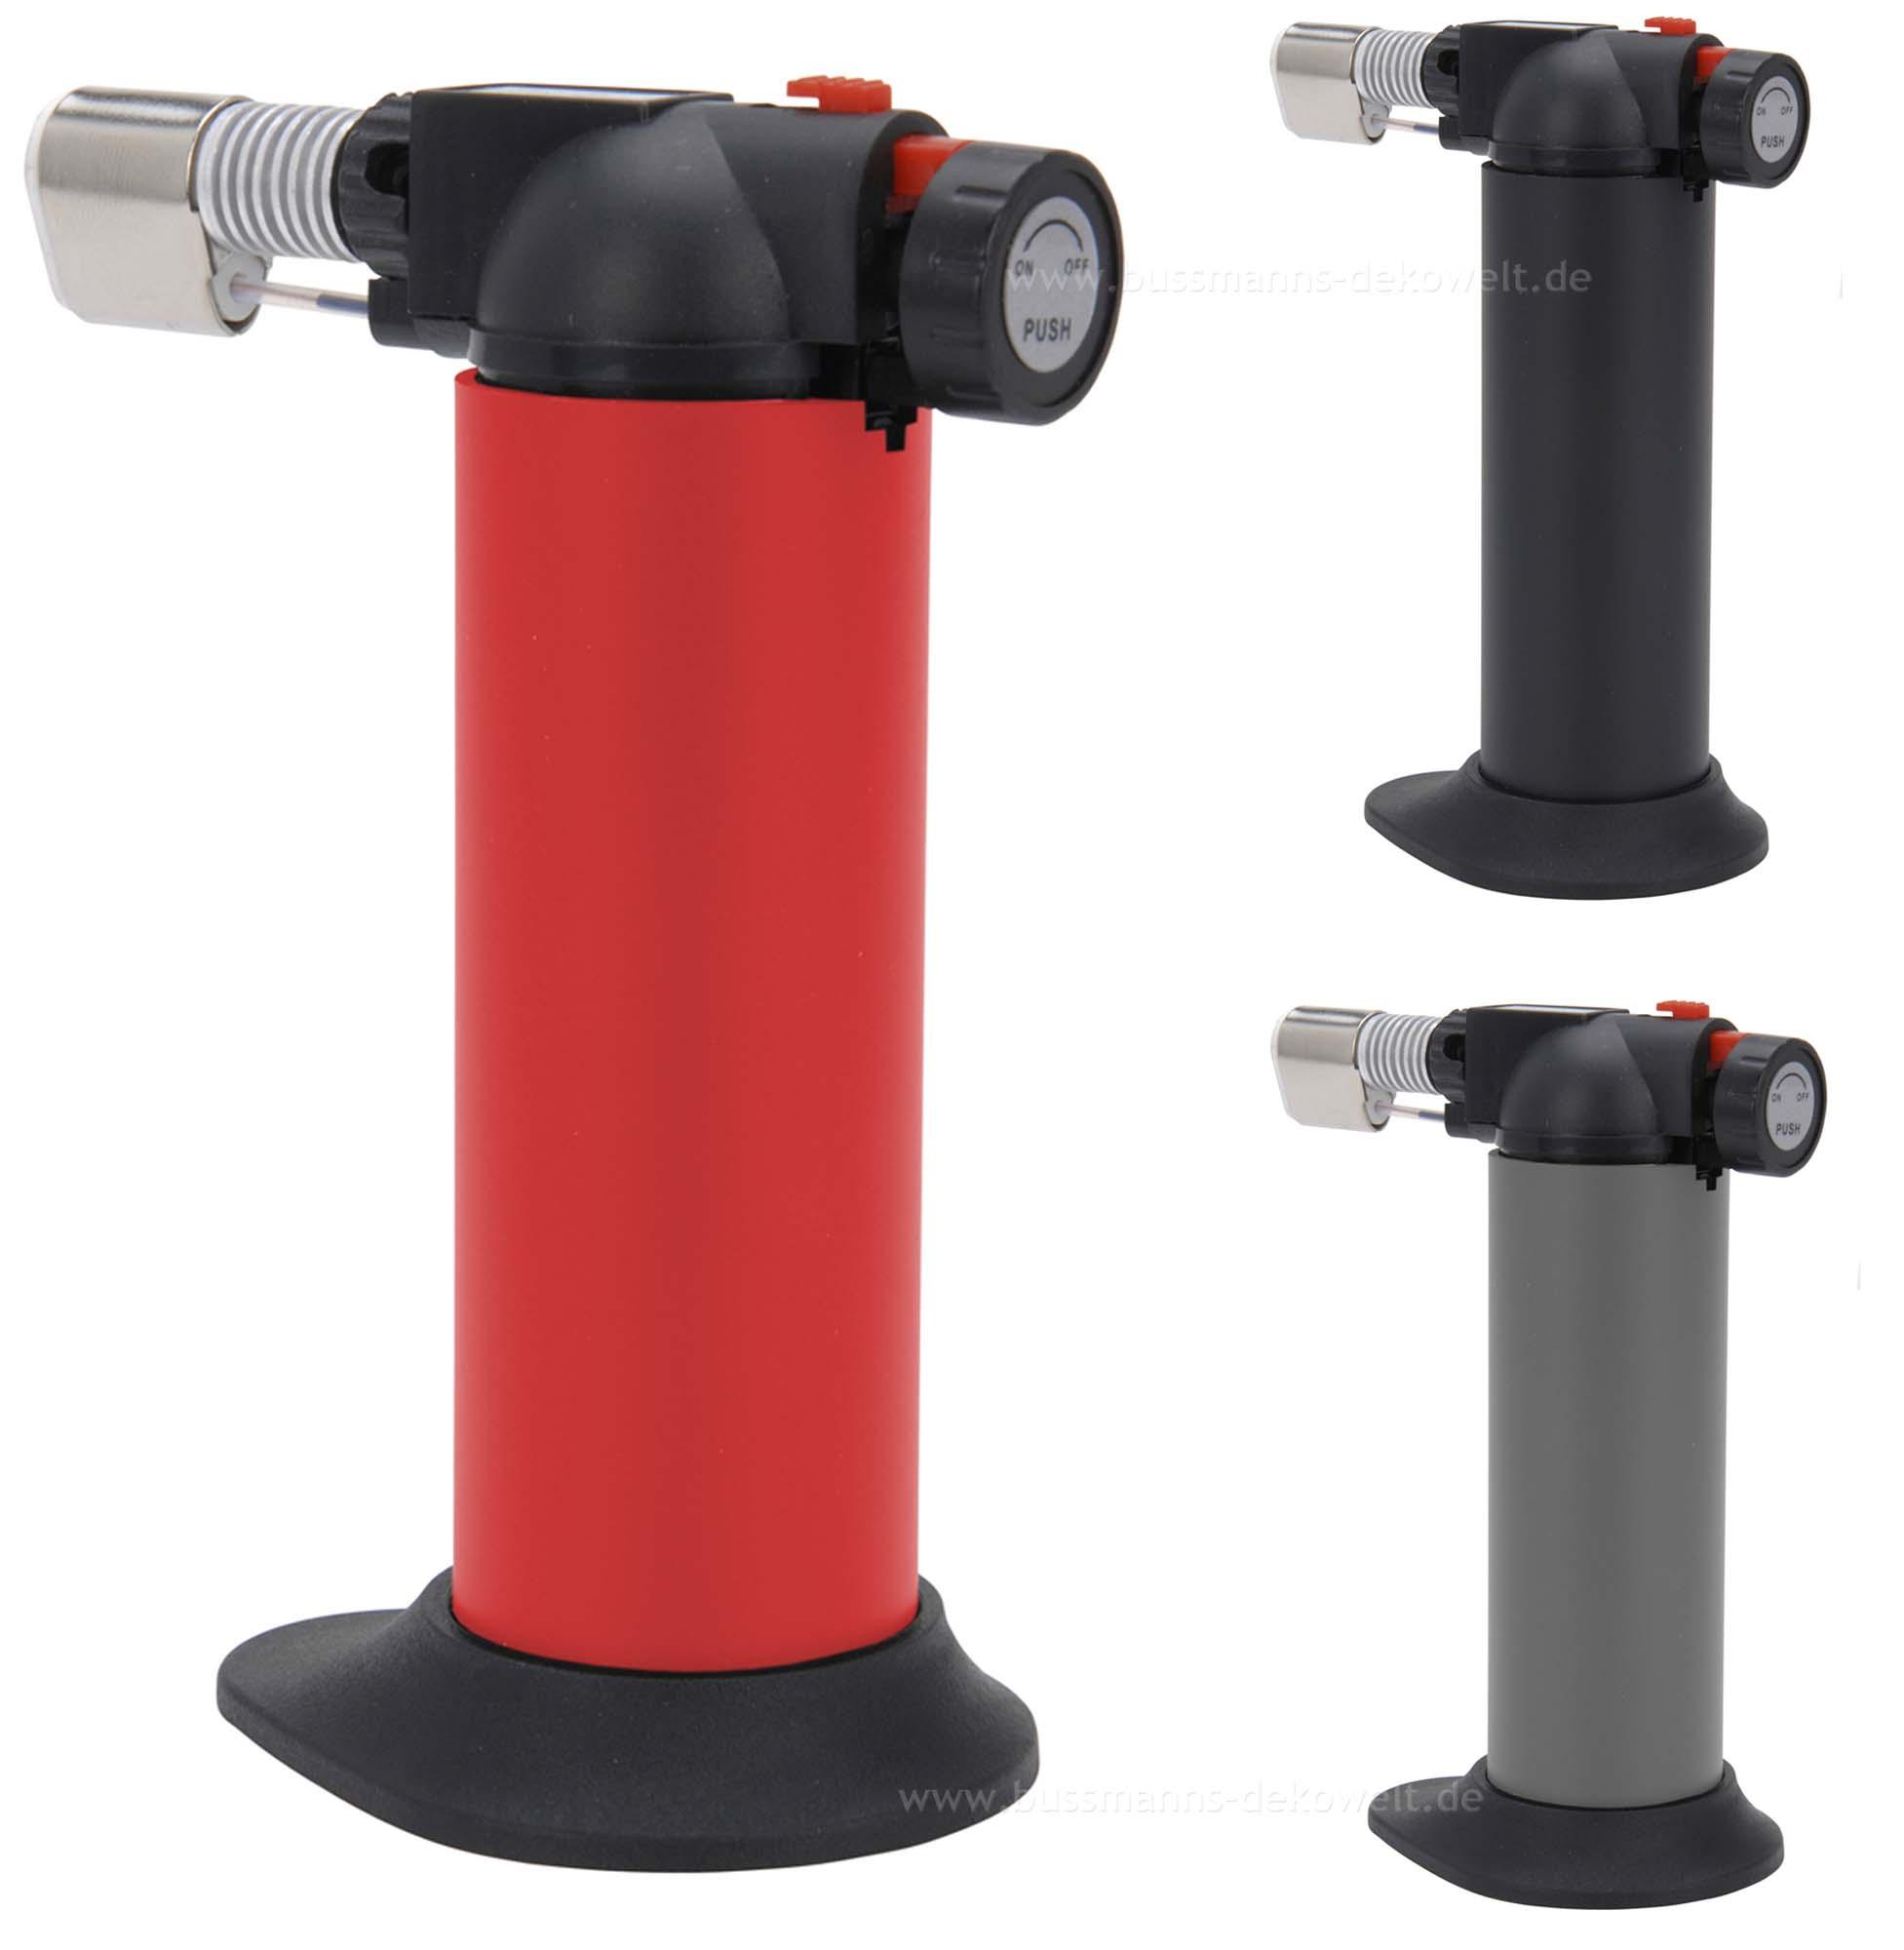 creme brulee brenner flambierer universal butangas gasbrenner ebay. Black Bedroom Furniture Sets. Home Design Ideas